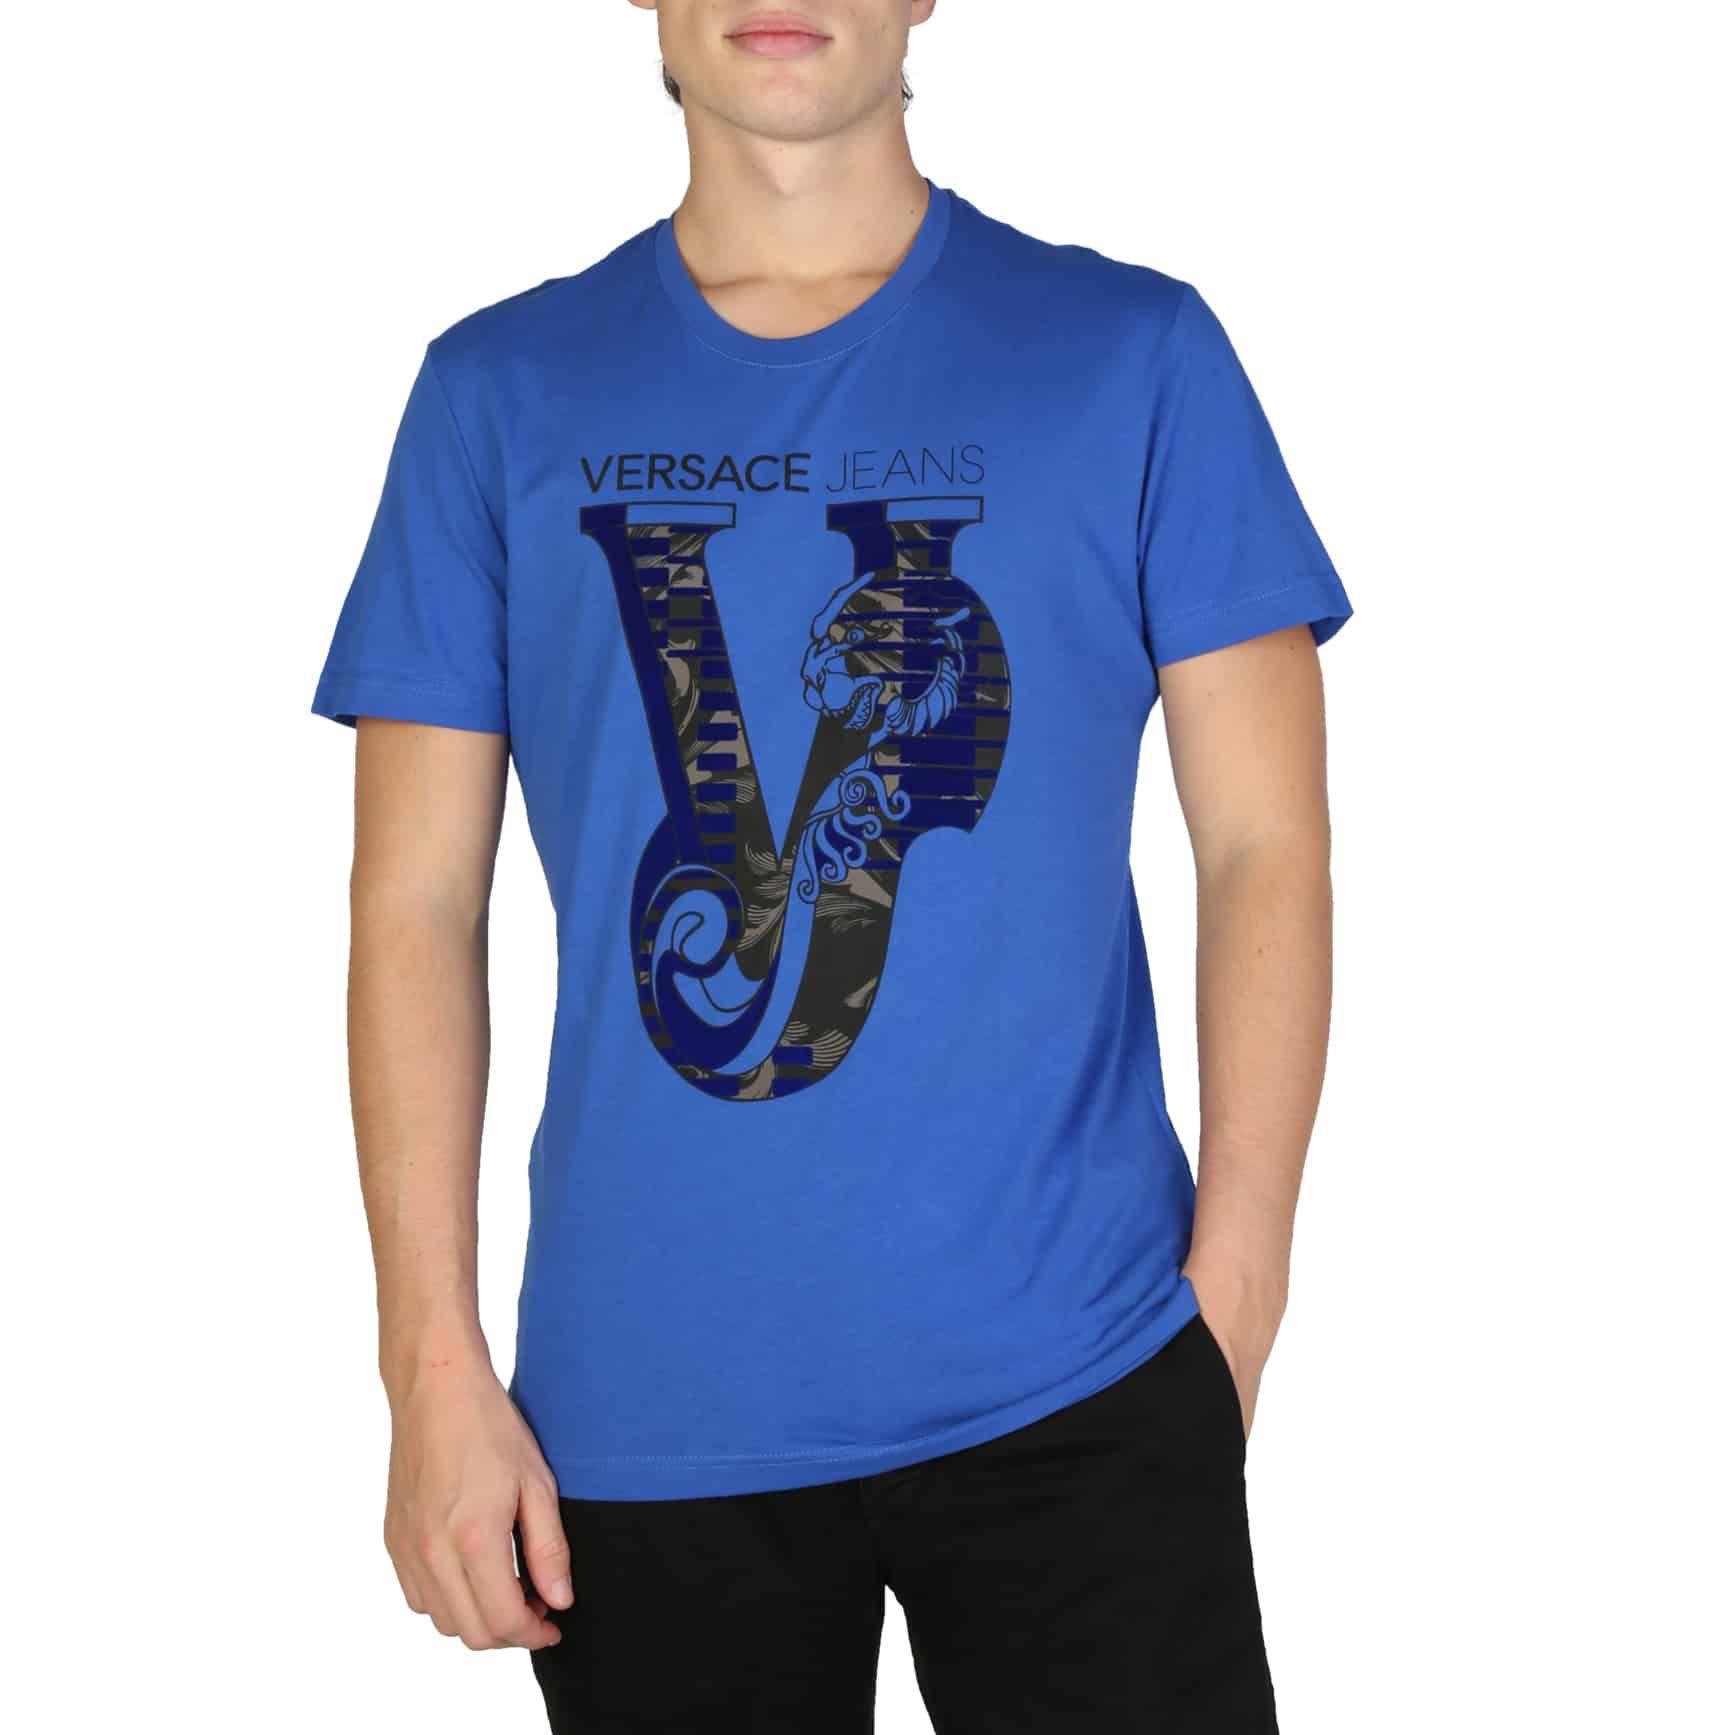 Bekleidung Versace Jeans – B3GTB7P3_36571 – Rot